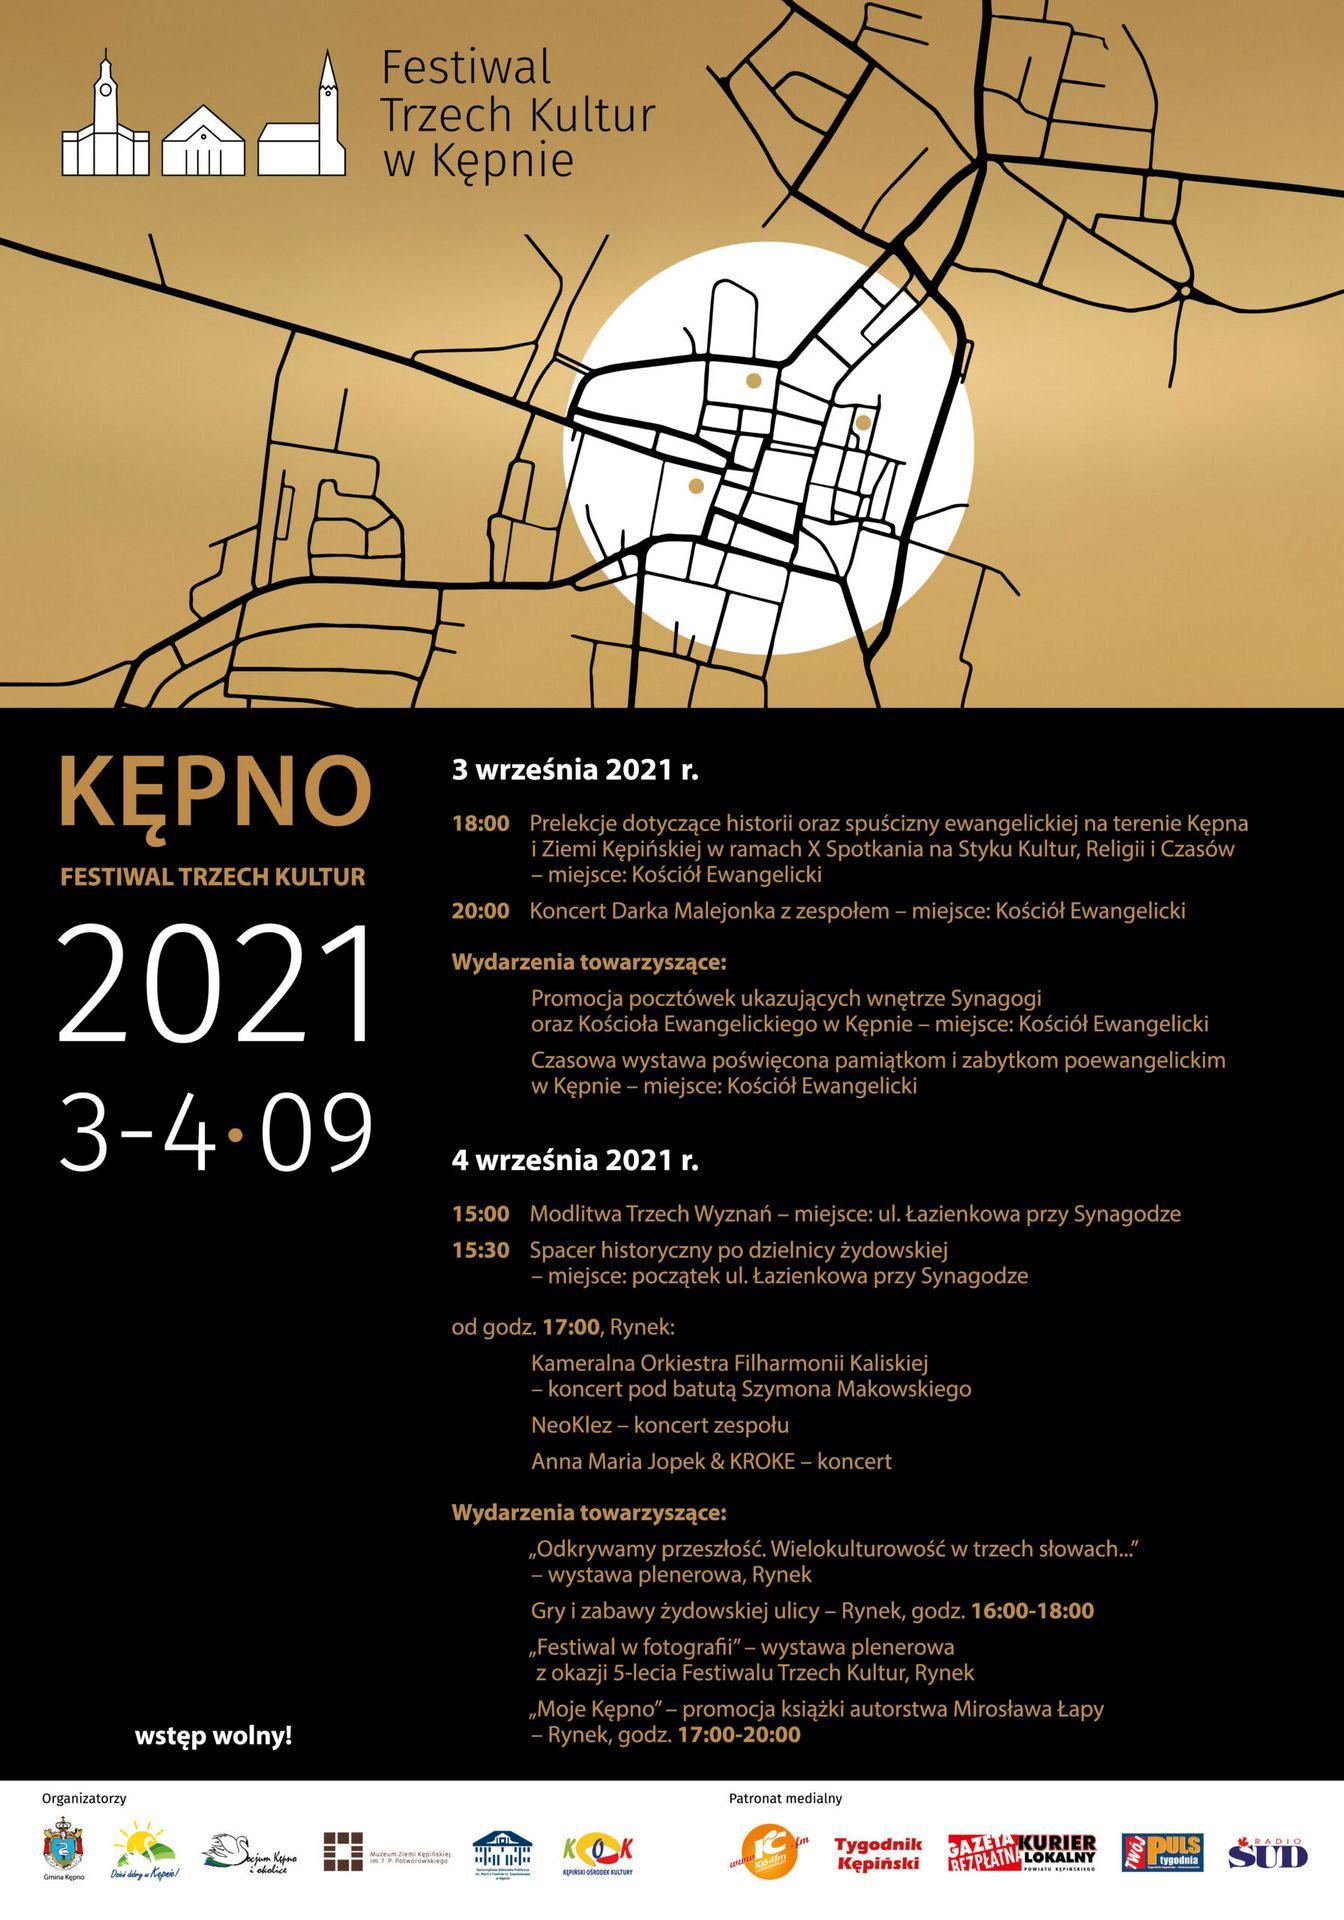 Plakat Festiwalu Trzech Kultur w Kępnie u góry mapa kępna i napisa 3-4 września 2021 Kępno